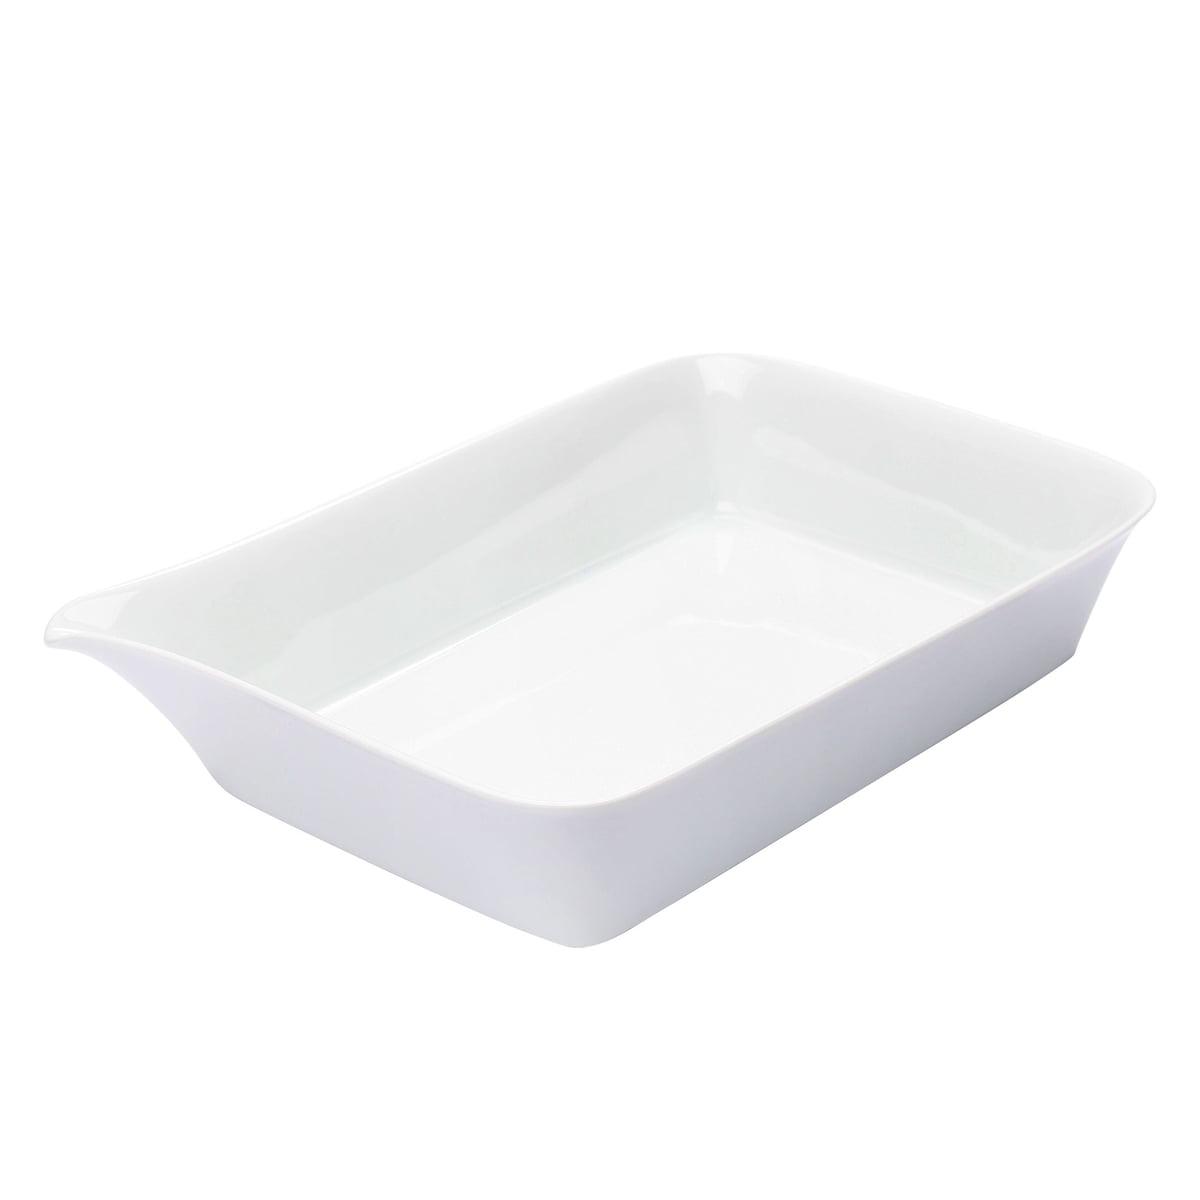 Kahla - Five Senses Midi-Backform, 28 x 19 cm, weiß   Küche und Esszimmer > Kochen und Backen   Kahla